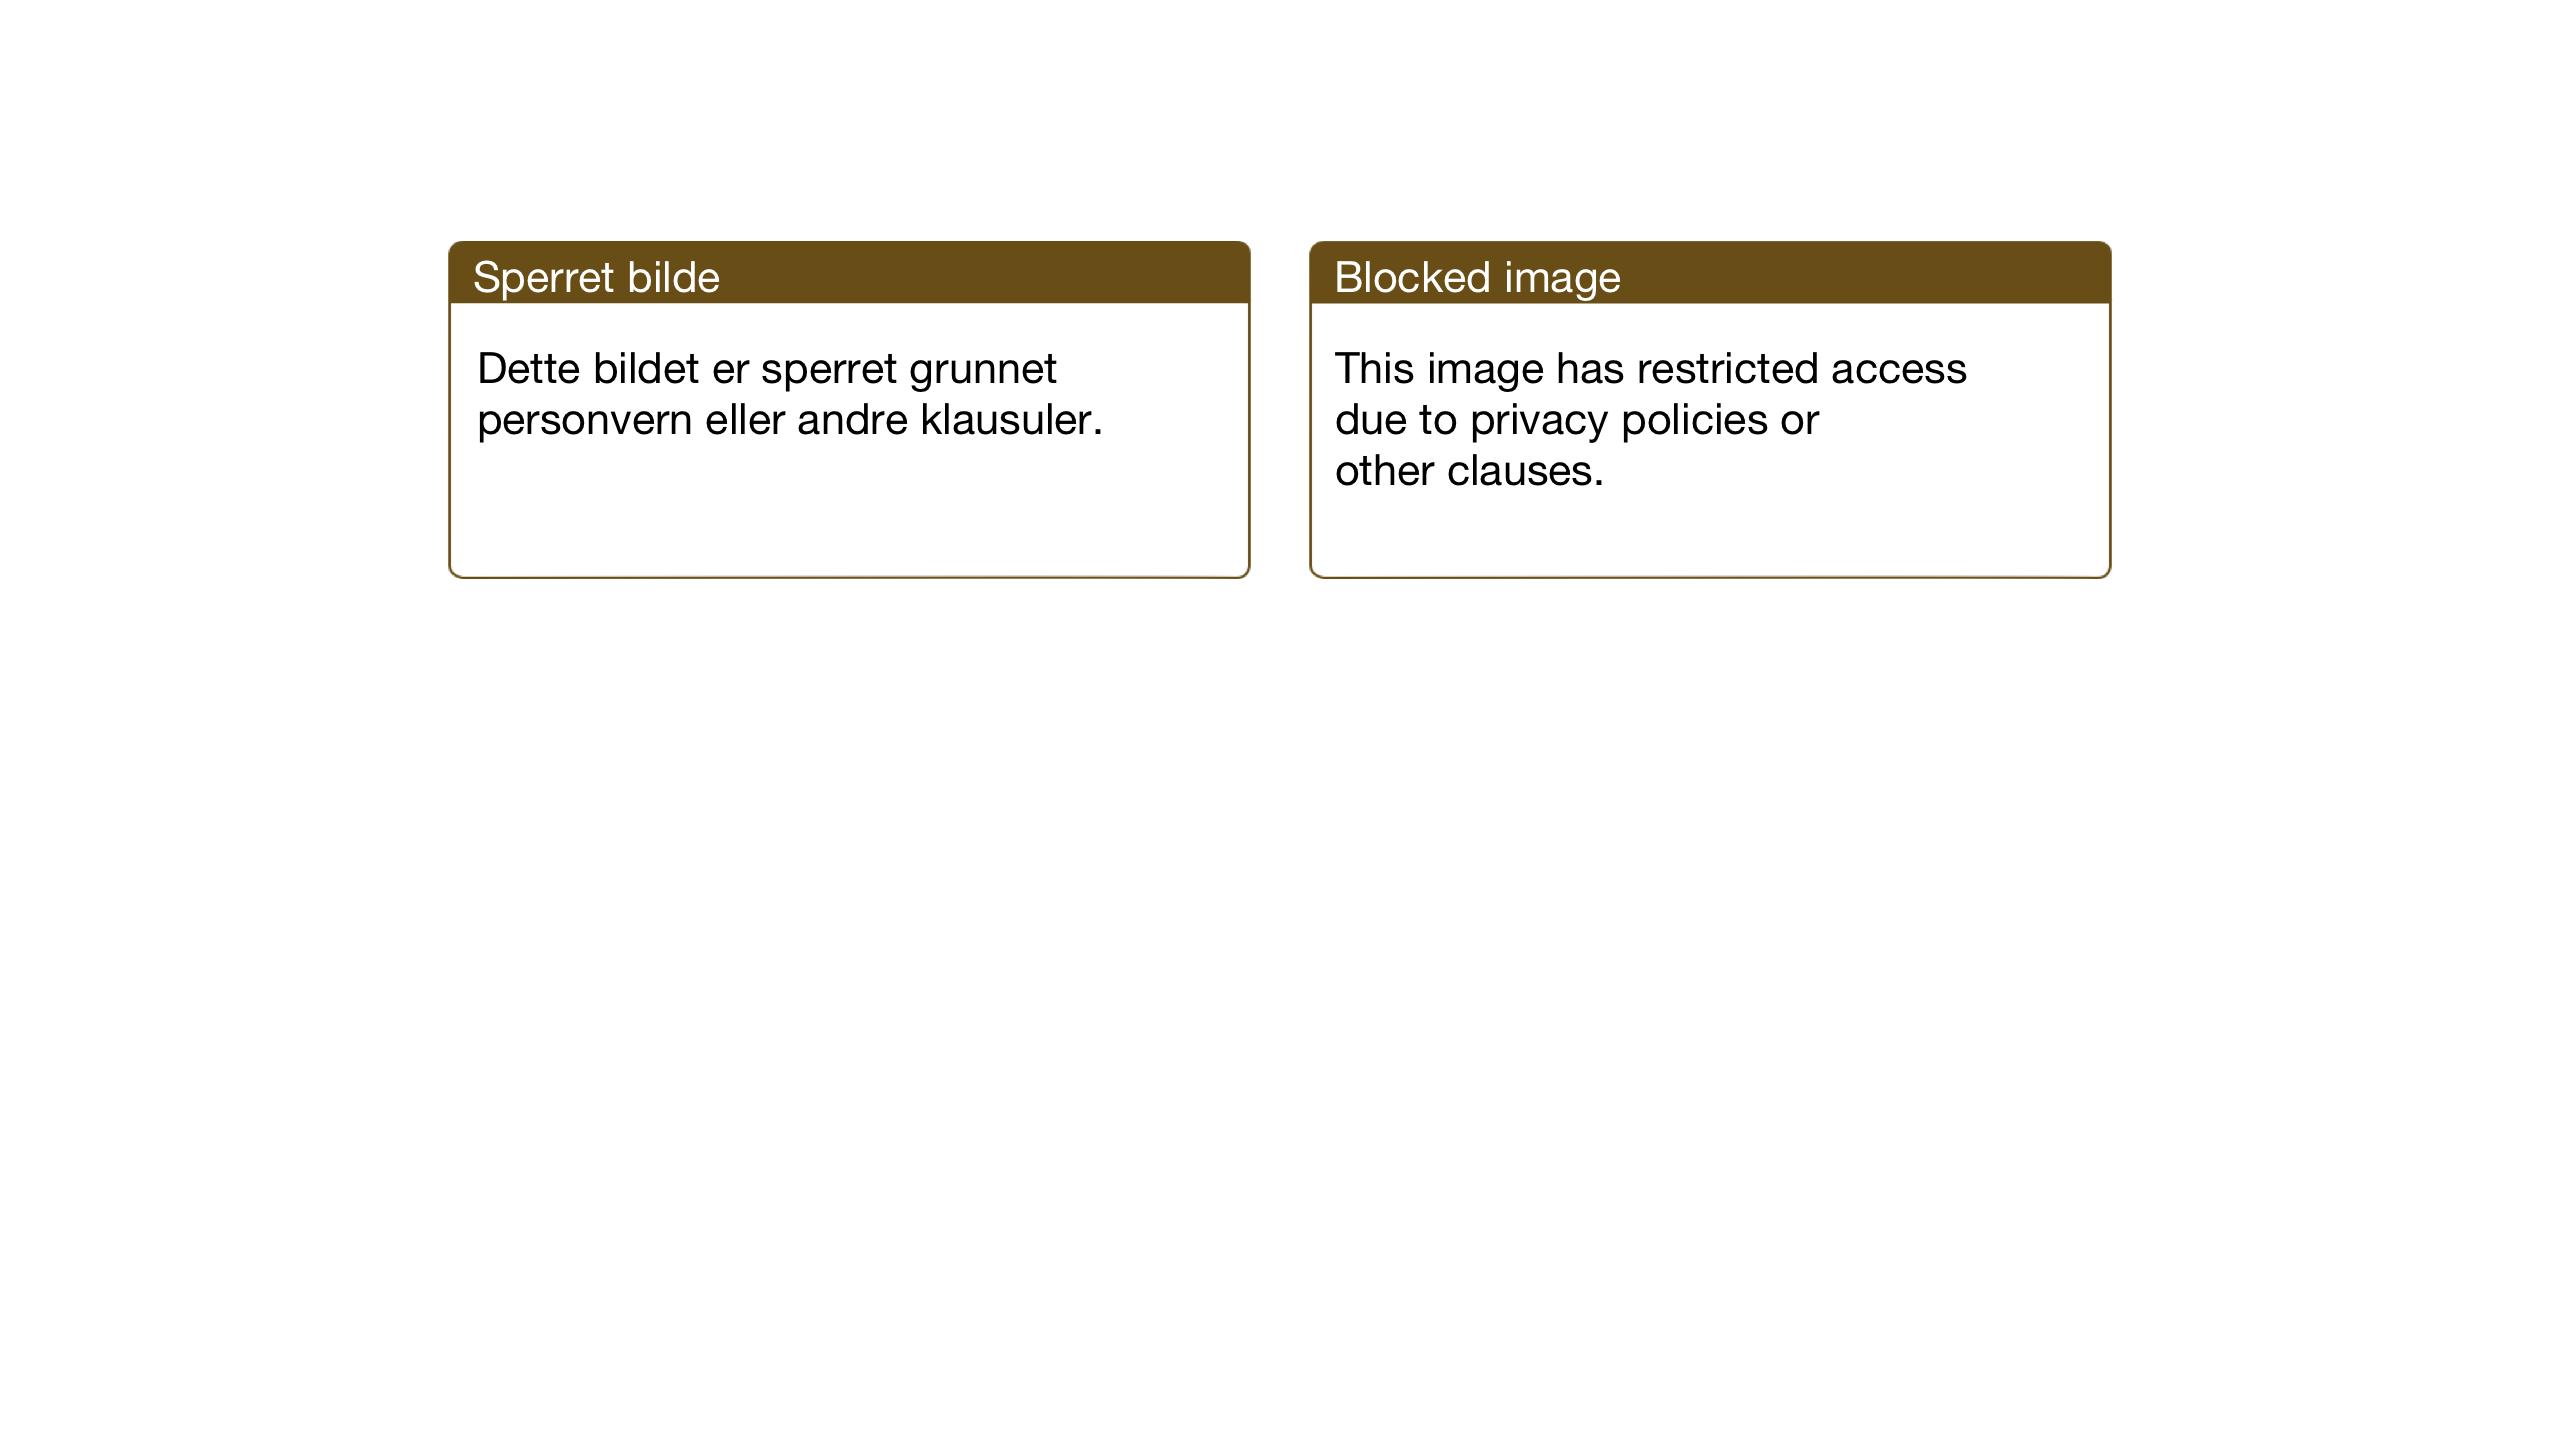 SAT, Ministerialprotokoller, klokkerbøker og fødselsregistre - Sør-Trøndelag, 611/L0357: Klokkerbok nr. 611C05, 1938-1942, s. 38